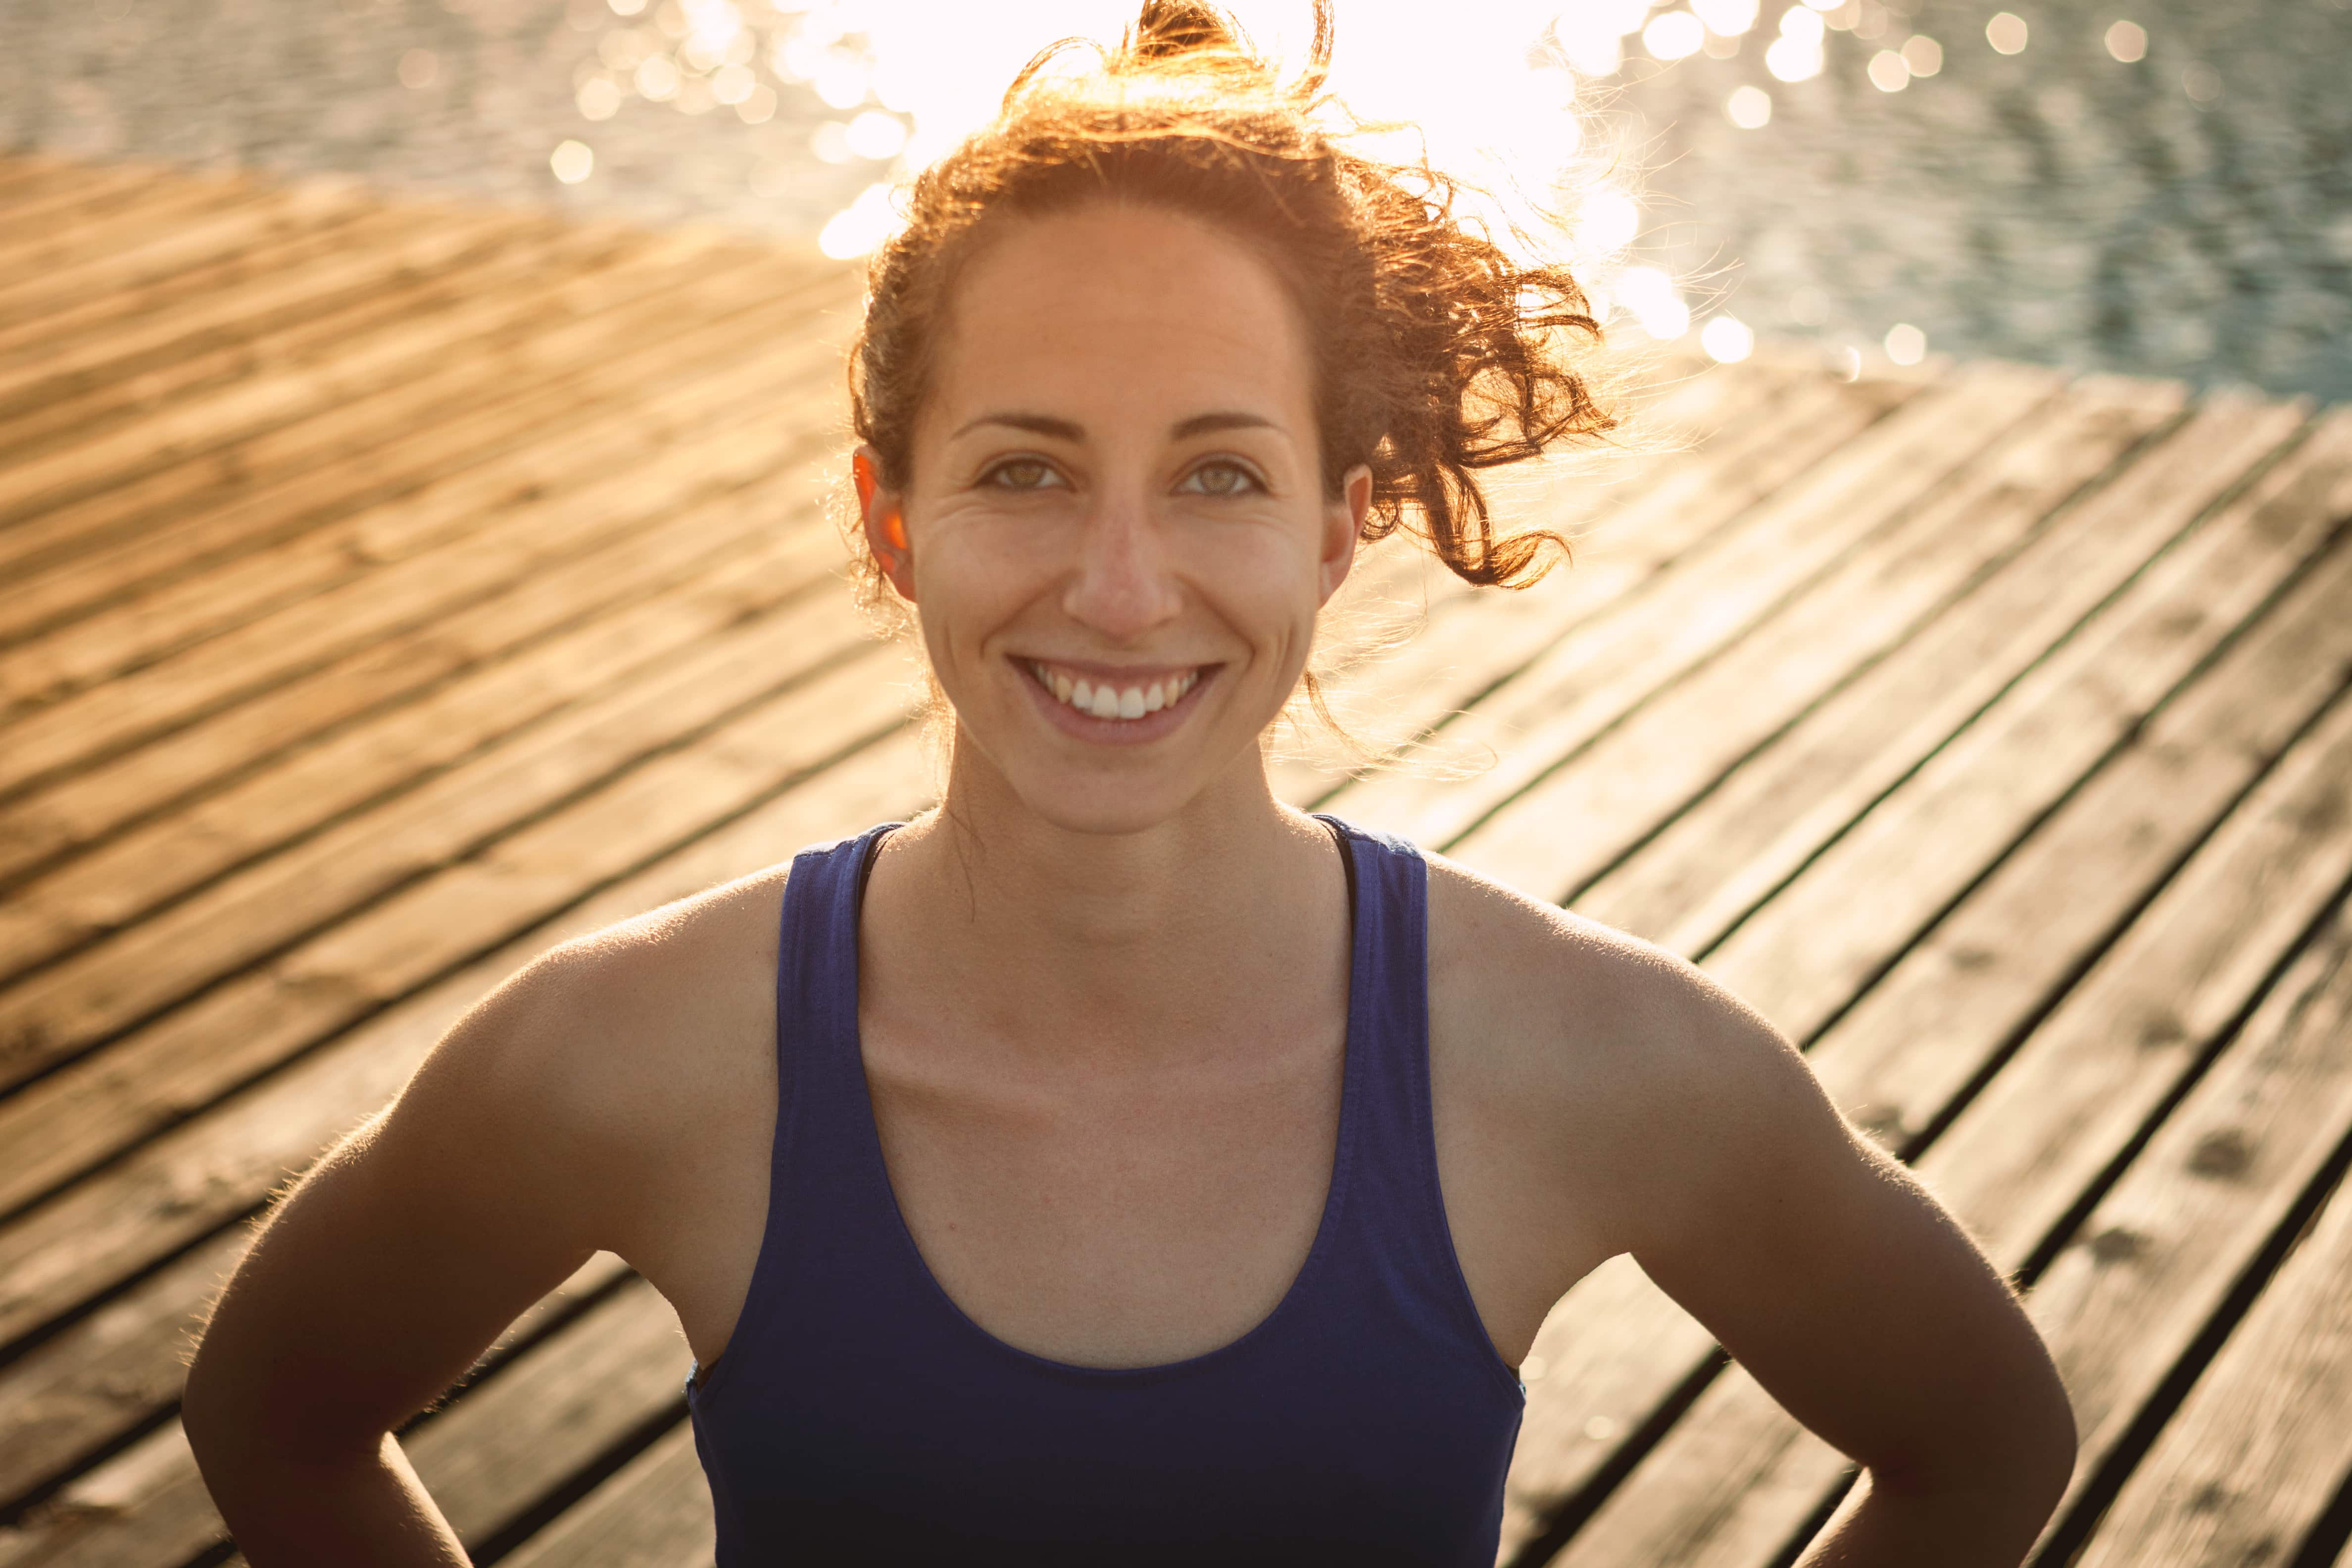 Ein Portraitfoto der JUFA Yoga Lehrerin Janina Brunner auf einem Steg am Wasser. JUFA Hotels bietet Ihnen den Ort für erfolgreiches Training in ungezwungener Atmosphäre für Vereine und Teams.